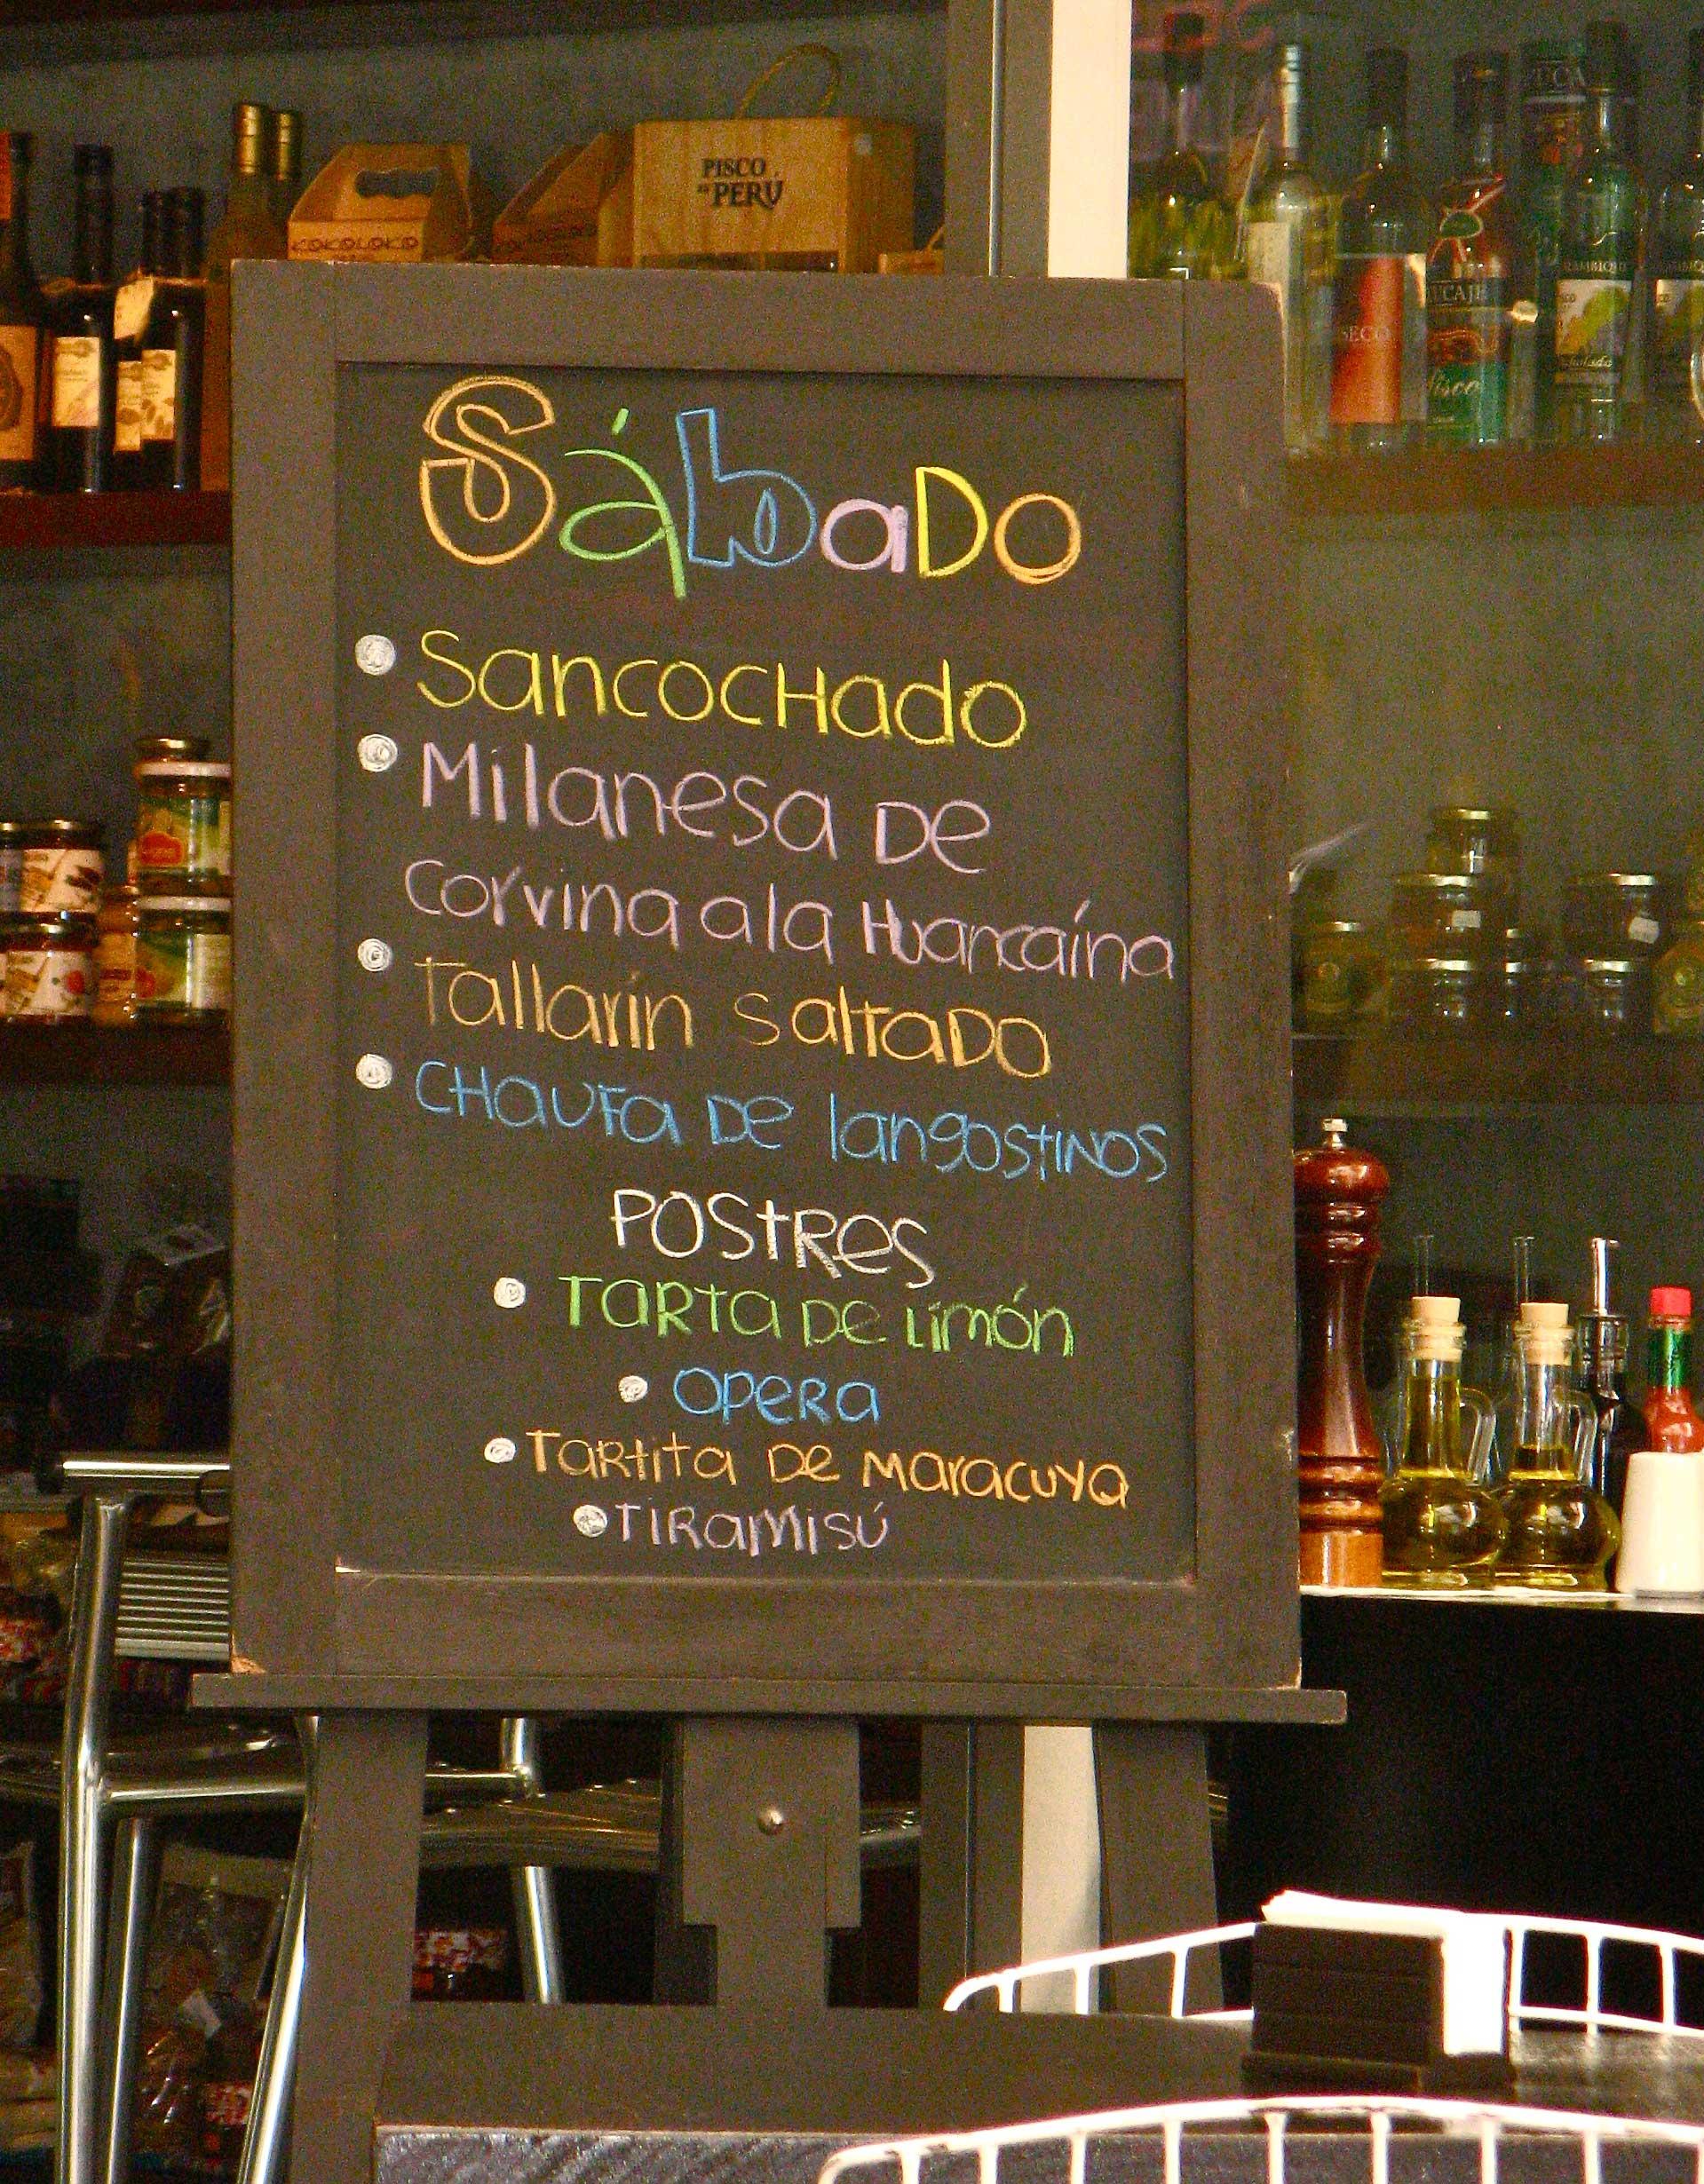 Restaurante T'anta em San Isidro, Lima